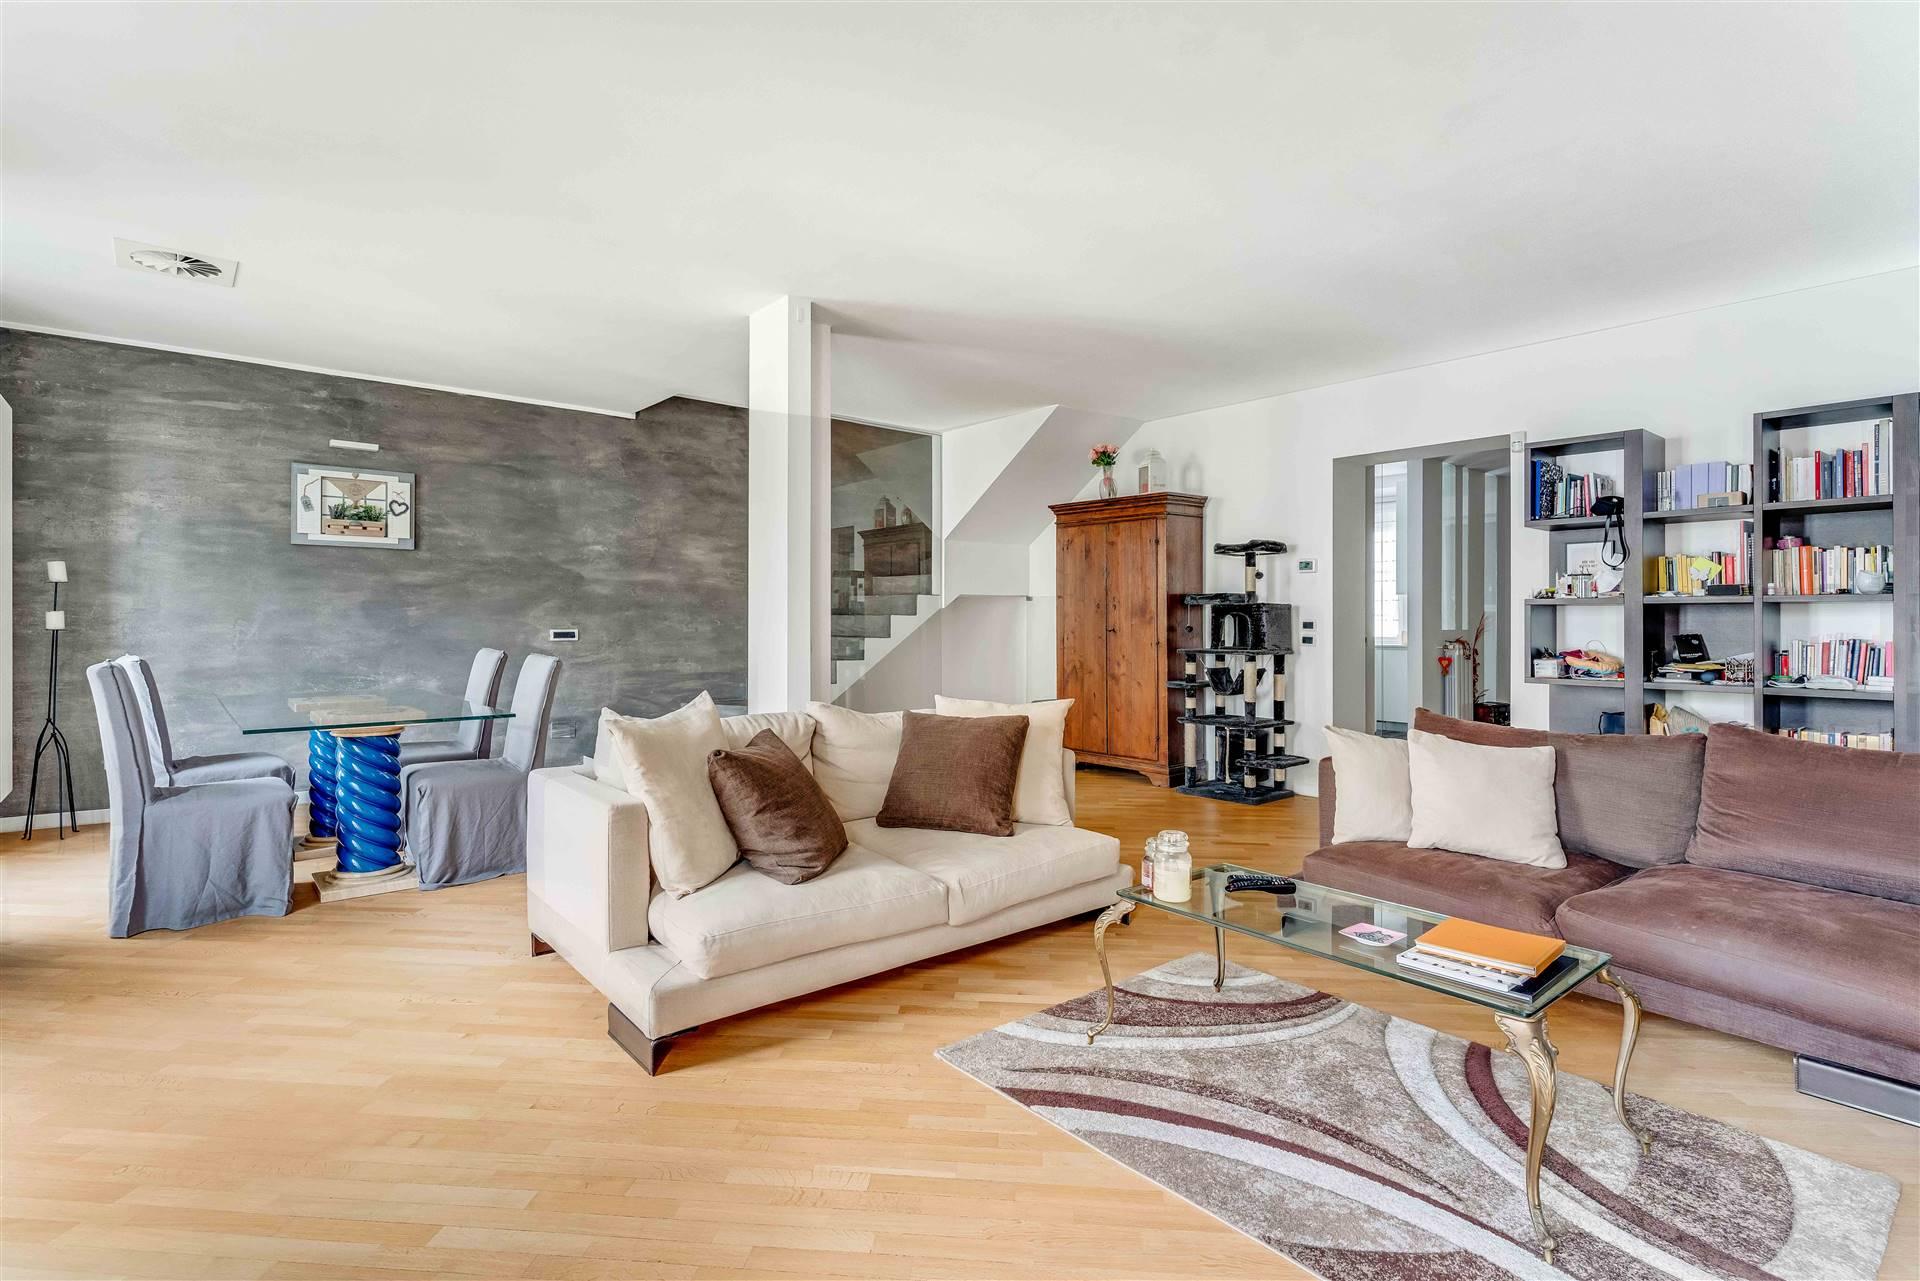 Appartamento in vendita a Milano, 4 locali, zona Località: MOSCOVA, prezzo € 1.790.000   CambioCasa.it